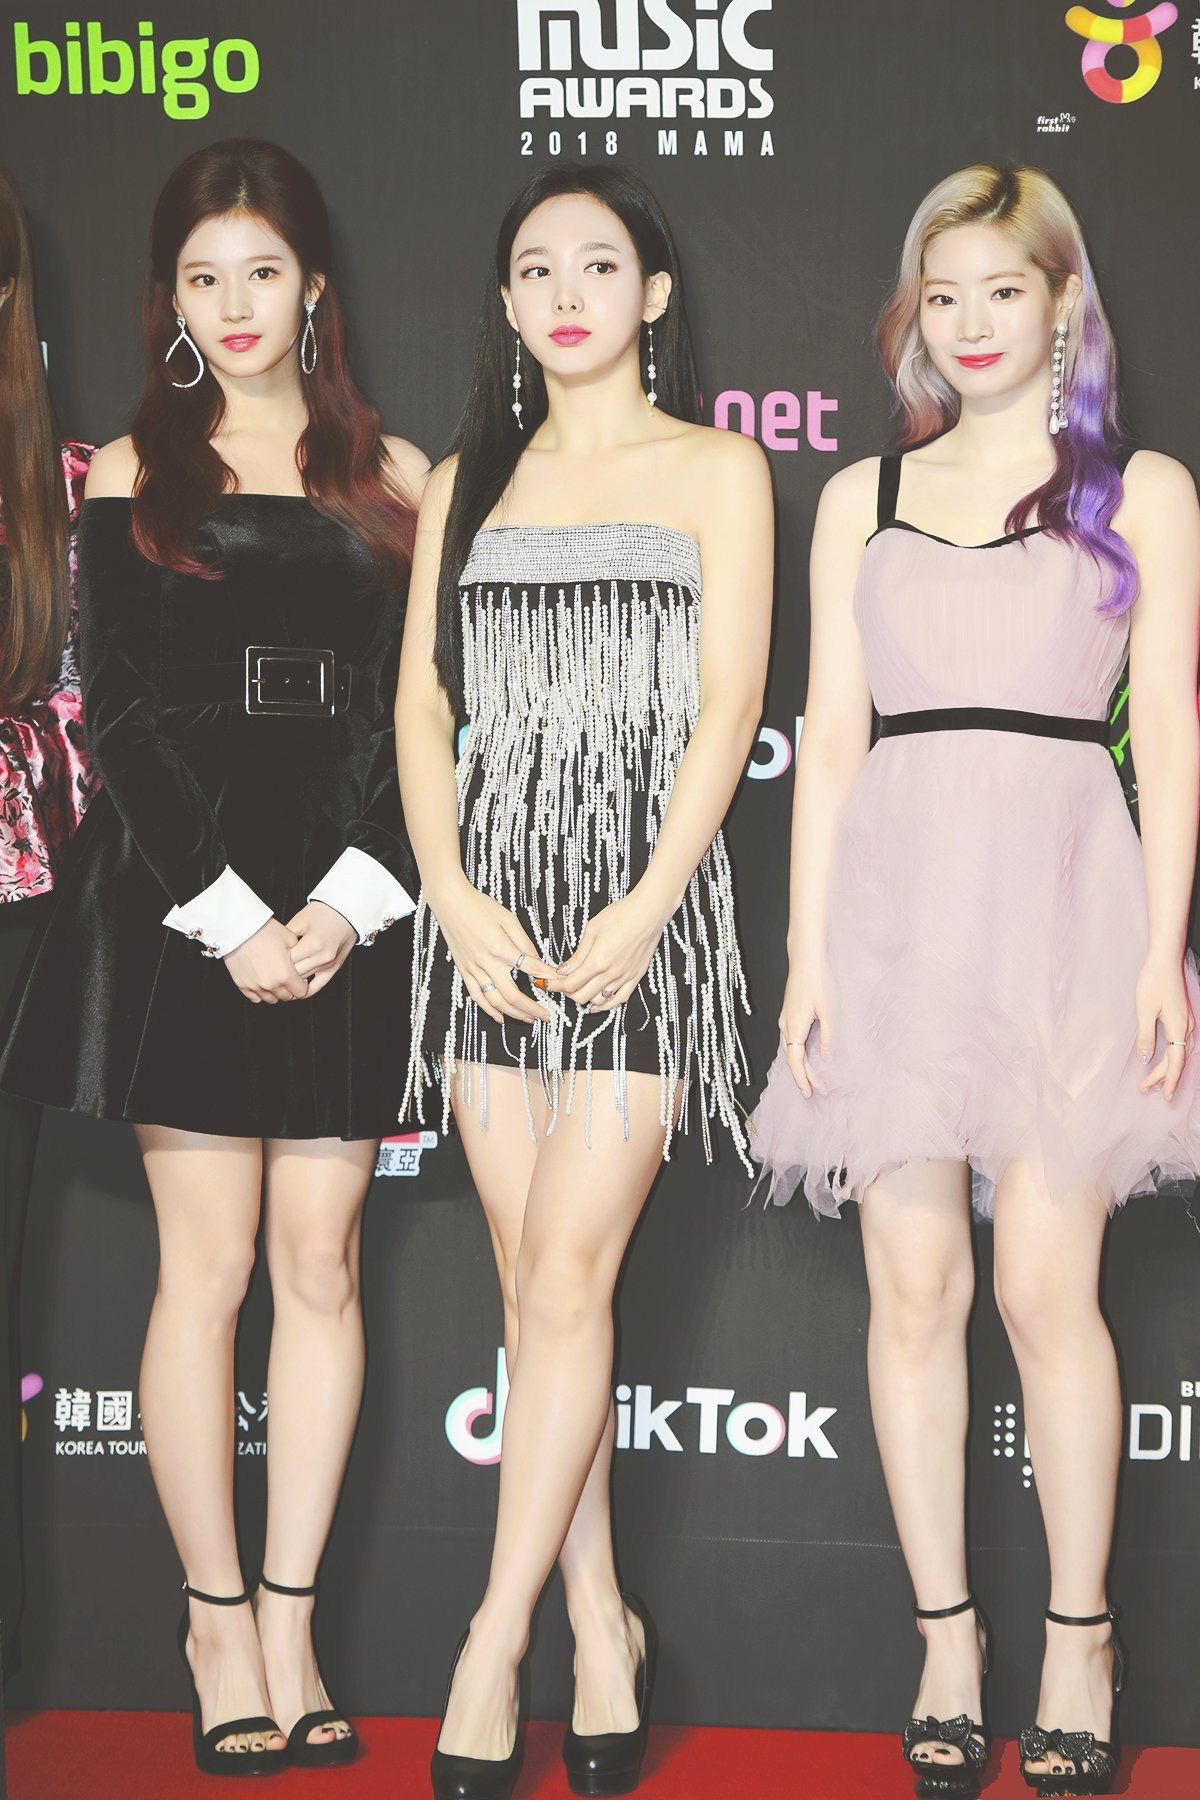 Winter (aespa) vừa debut đã đụng váy Nayeon mặc từ 2 năm trước: Gà mới nhà SM có qua mặt mỹ nhân Twice? - Ảnh 3.